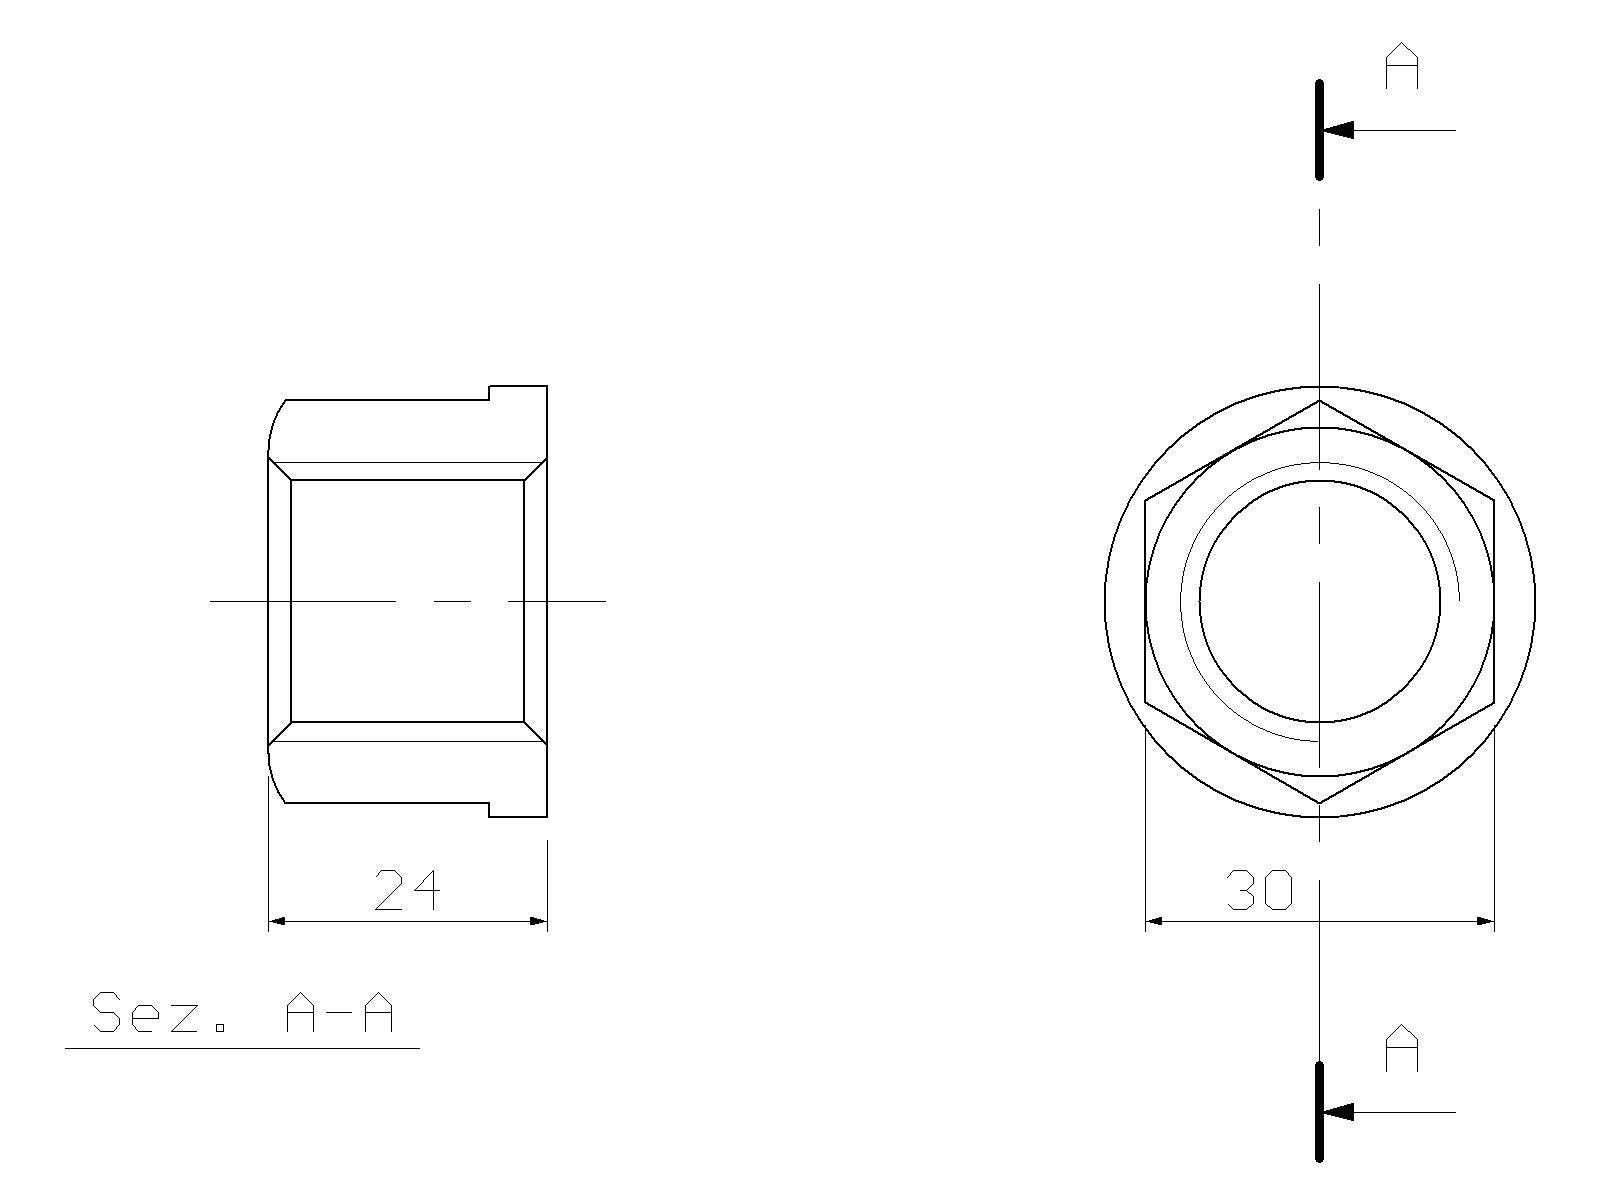 Nut for side bolt, ATLAS COPCO, TEX 250 H, hydraulic